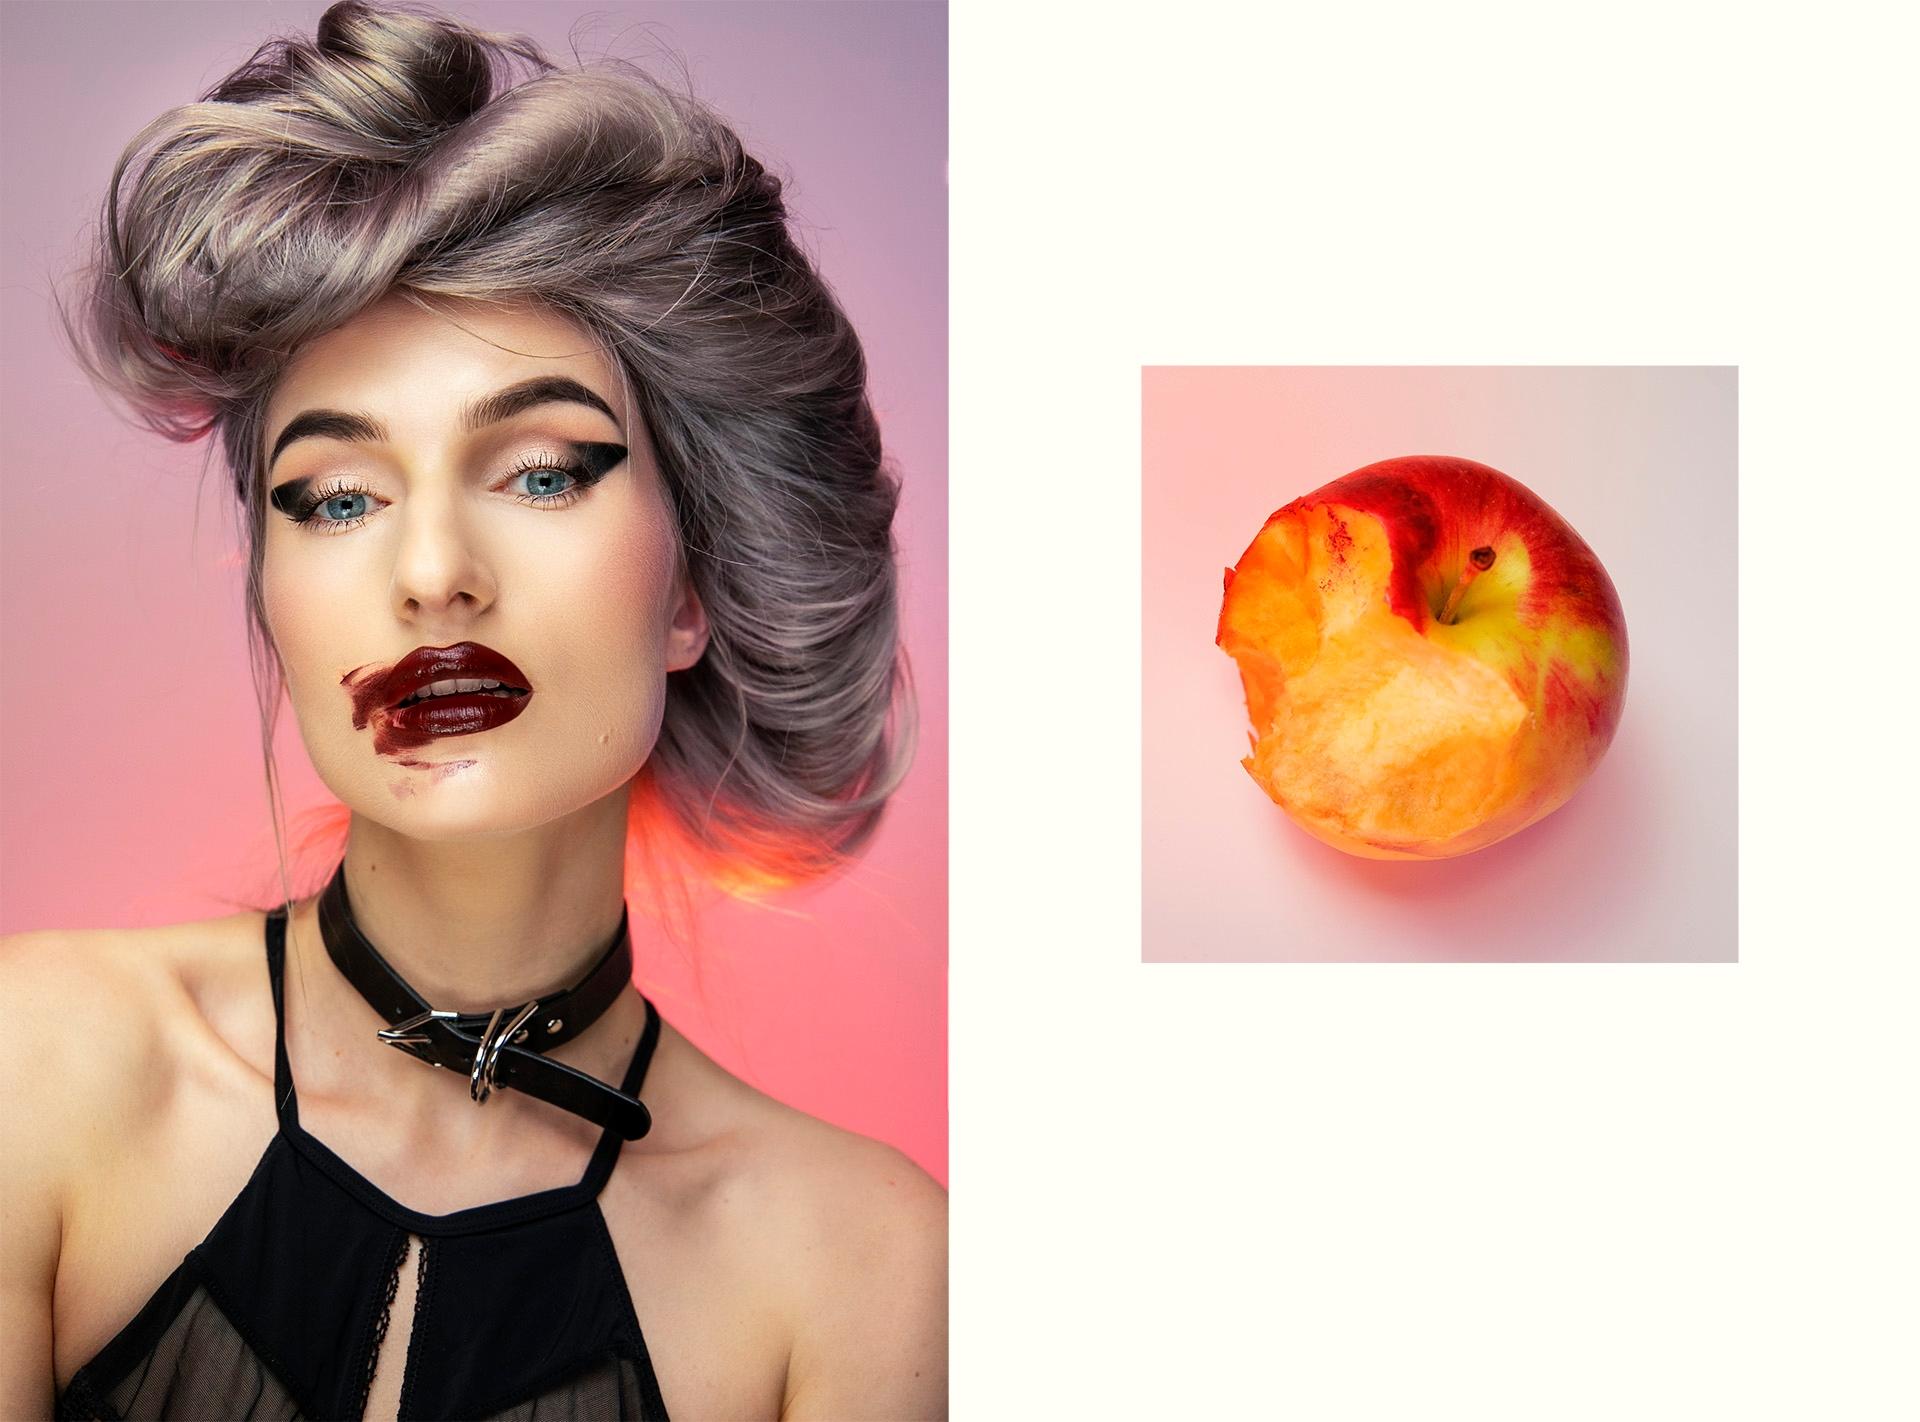 Obraz przedstawia dwa zdjęcia - portret kobiety, oraz zdjęcie ugryzionego jabłka.